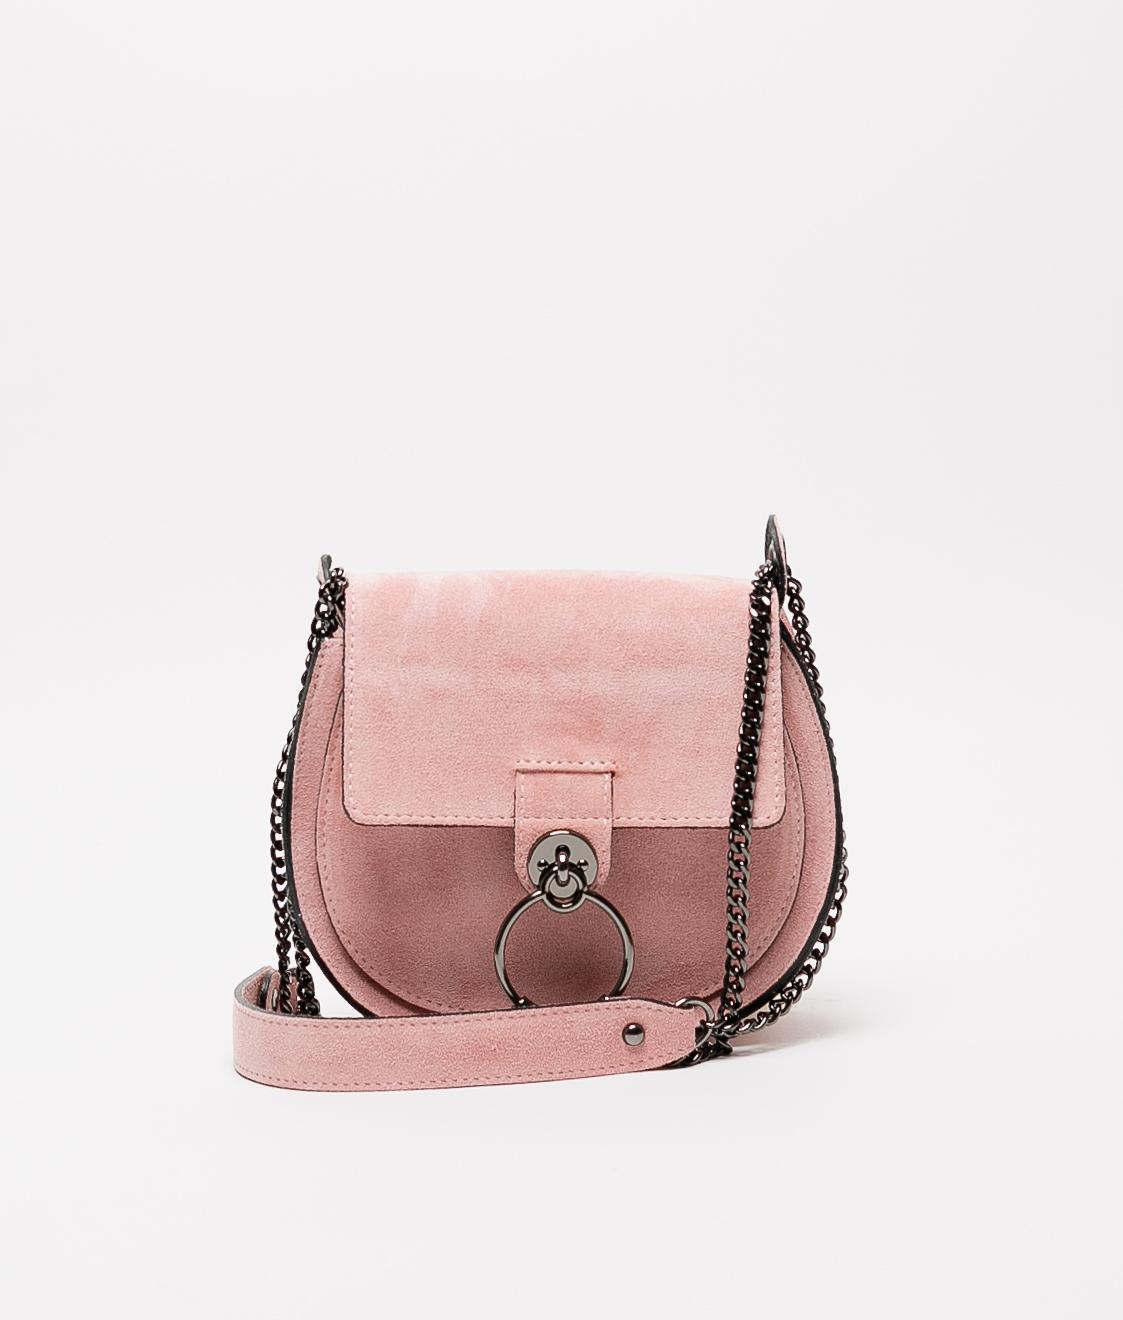 Bandolera de piel Adele - pink